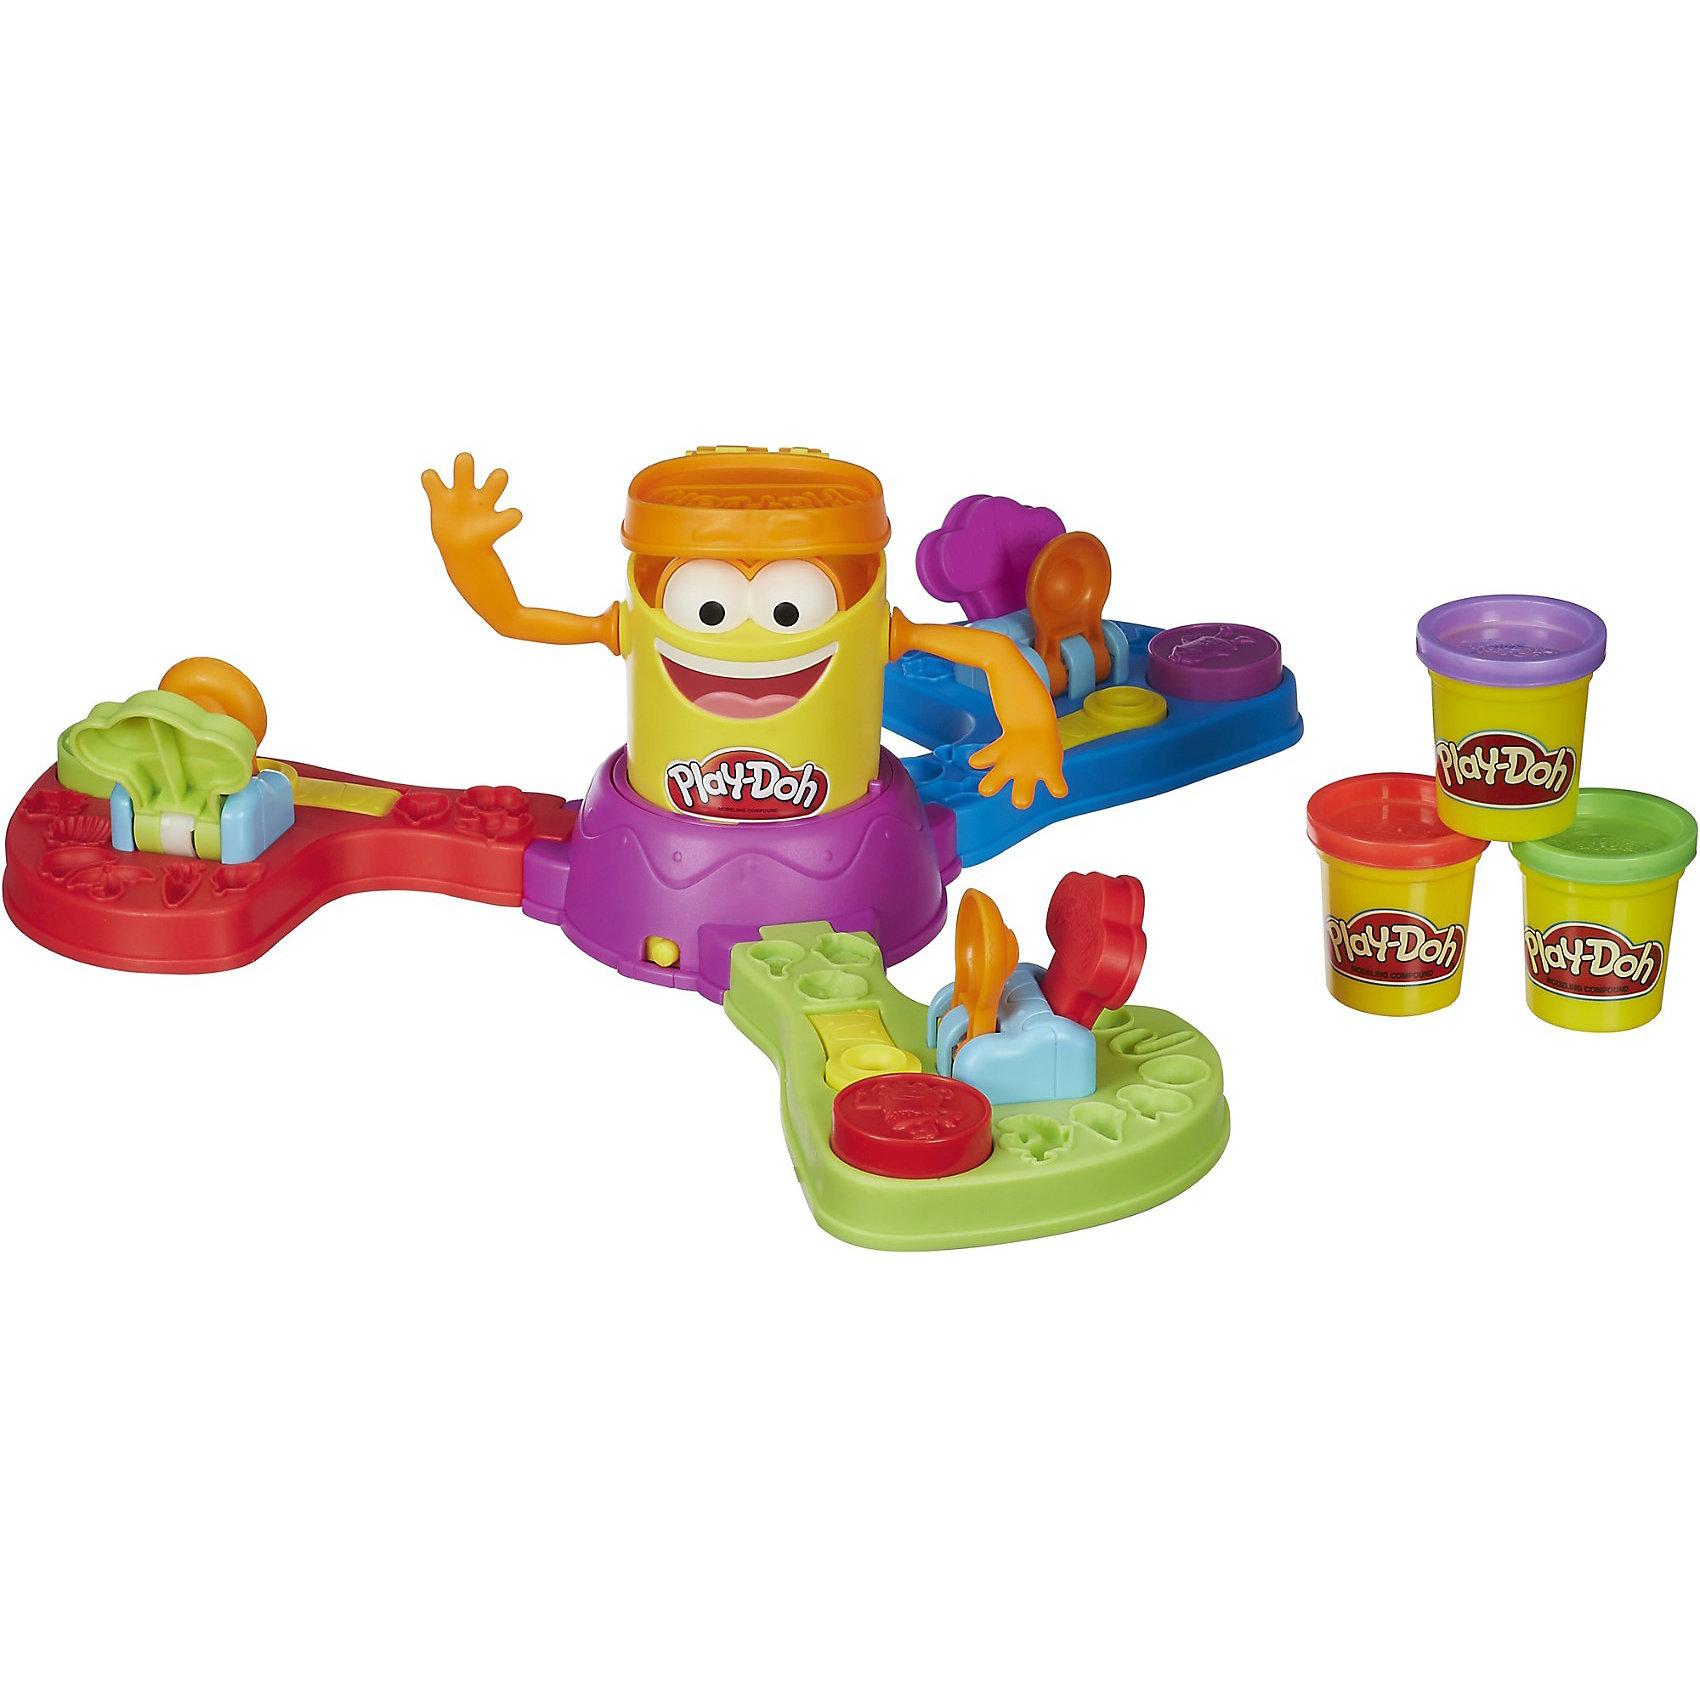 Игра Забавная Плейдошка, Play-DohНаборы для лепки<br>Игра Play-Doh - прекрасная игра для всей семьи. В центре игры находится забавный Плейдошка, вокруг него находятся 3 пусковых устройства. Как только вы запустите механизм вращения, потешная баночка-человечек начнет крутиться, дразня игроков вращающимися руками и не переставая хлопать шапкой-крышечной, закрывая и открывая ее. Игроки должны:<br>- Заложить пластилин в специальную формочку в пусковом устройстве.<br>- Прижать его сверху круглым прессом, чтобы получился пластилиновый    шарик.<br>- Метко запустить шарик в Плейдошку, нажав на специальную кнопочку. Сделать это надо в тот момент, когда человечек повернется к вам лицом и  откроет крышечку.  <br>Кто будет точнее всех и метко попадет в Плейдошку больше других - тот и победил. Игра выполнена из высококачественного прочного пластика, имеет удобные крепления деталей, легко собирается и разбирается.   Развивает внимание, мелкую моторику, координацию. <br><br>Дополнительная информация:<br><br>- Комплектация: игровая установка (сборная), 3 баночки пластилина Play-Doh, инструкция.<br>- Материал: пластик, пластилин.<br>- Элемент питания: 1 х C 1.5V (не входит в комплект).<br>- Количество игроков: 2 или 3.<br>- Размер упаковки: 27 х 8 х 27 см<br><br>Игру Play-Doh (Плей- До) можно купить в нашем магазине.<br><br>Ширина мм: 81<br>Глубина мм: 267<br>Высота мм: 267<br>Вес г: 1090<br>Возраст от месяцев: 48<br>Возраст до месяцев: 84<br>Пол: Унисекс<br>Возраст: Детский<br>SKU: 3854428